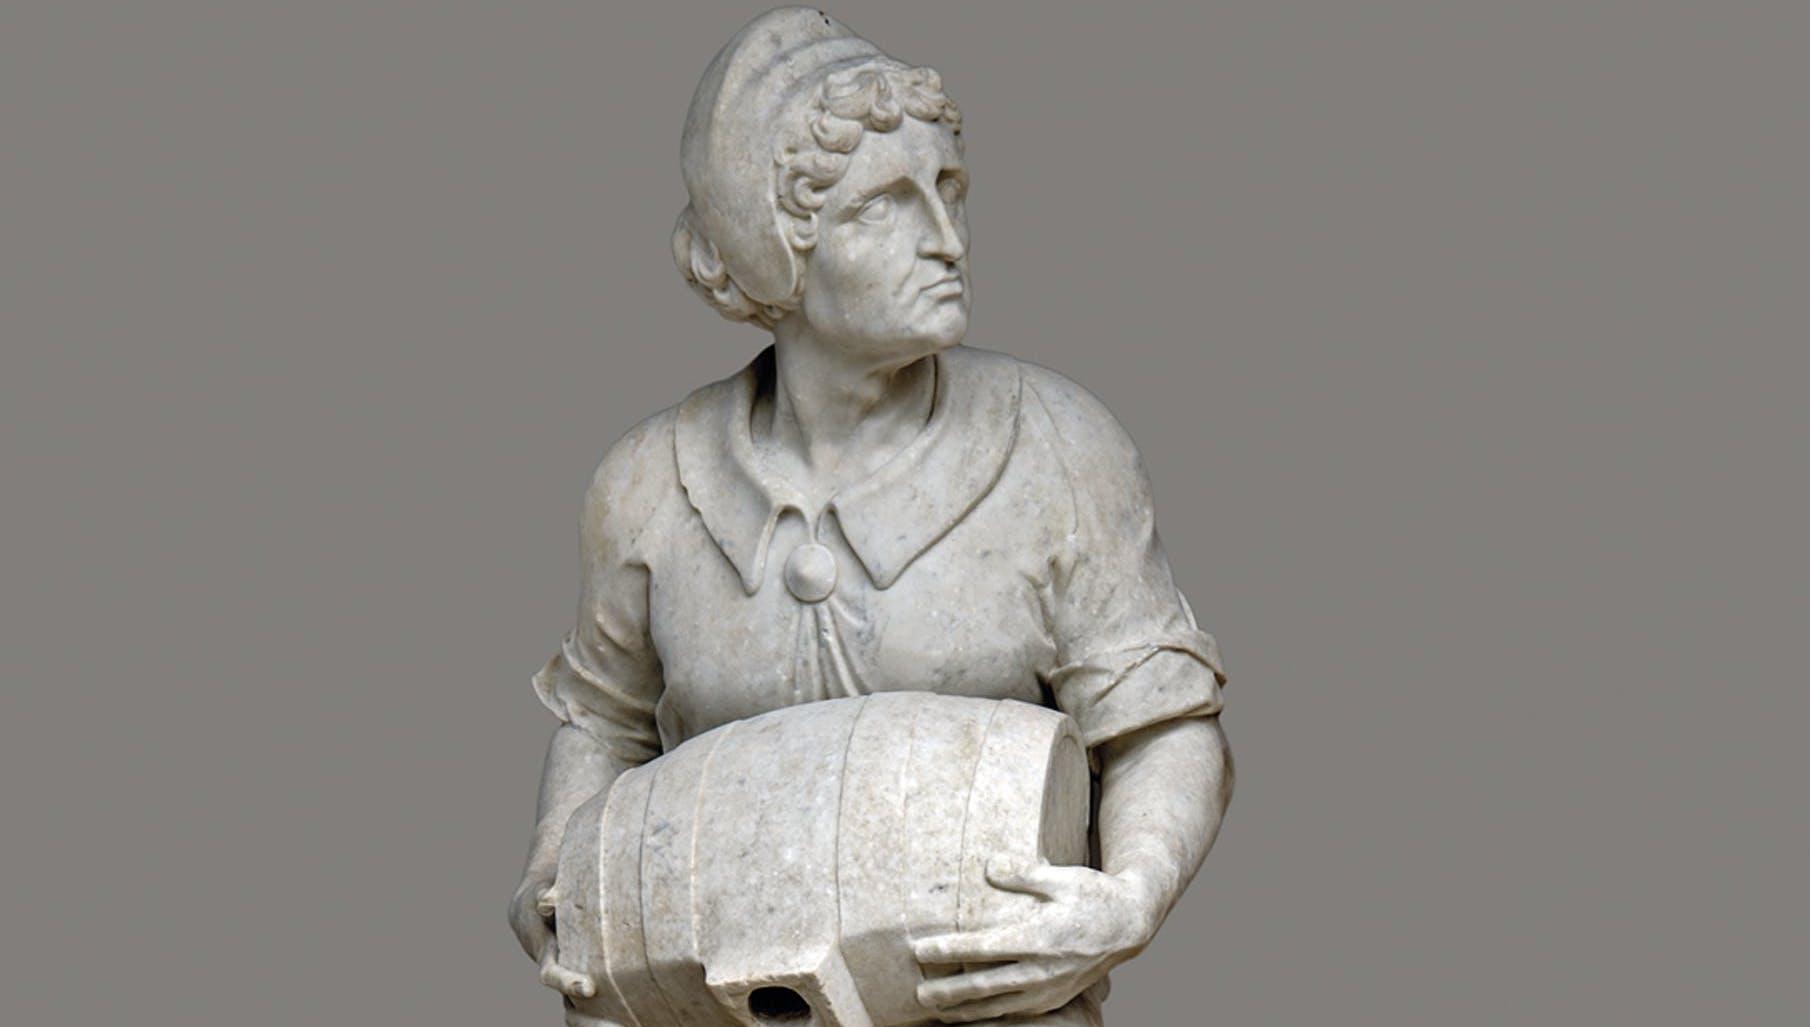 Villano con la botticella, 1556-1557, marmo. Giardino di Boboli,